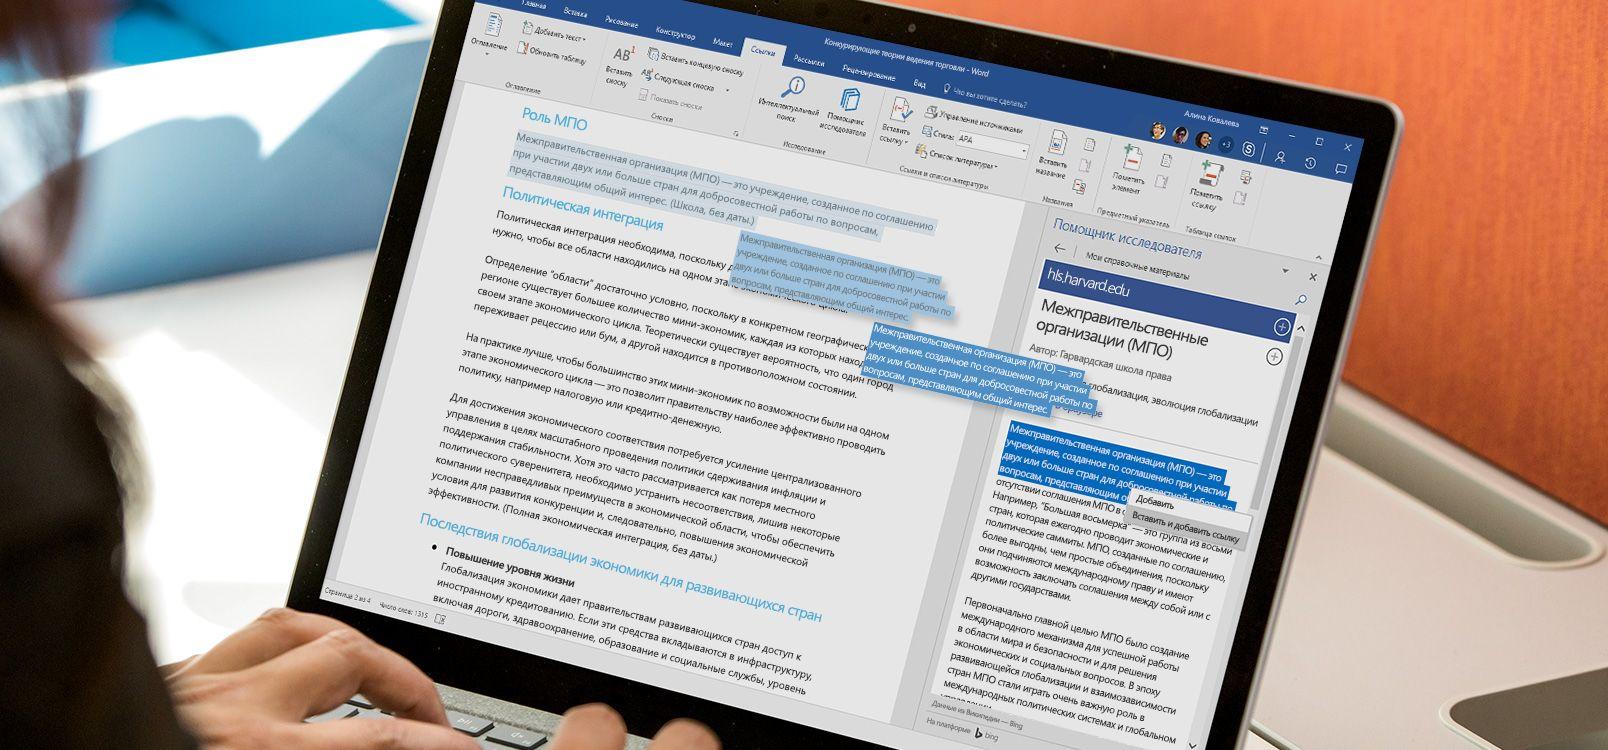 """Экран ноутбука с документом Word, в котором используется функция """"Помощник исследователя"""""""